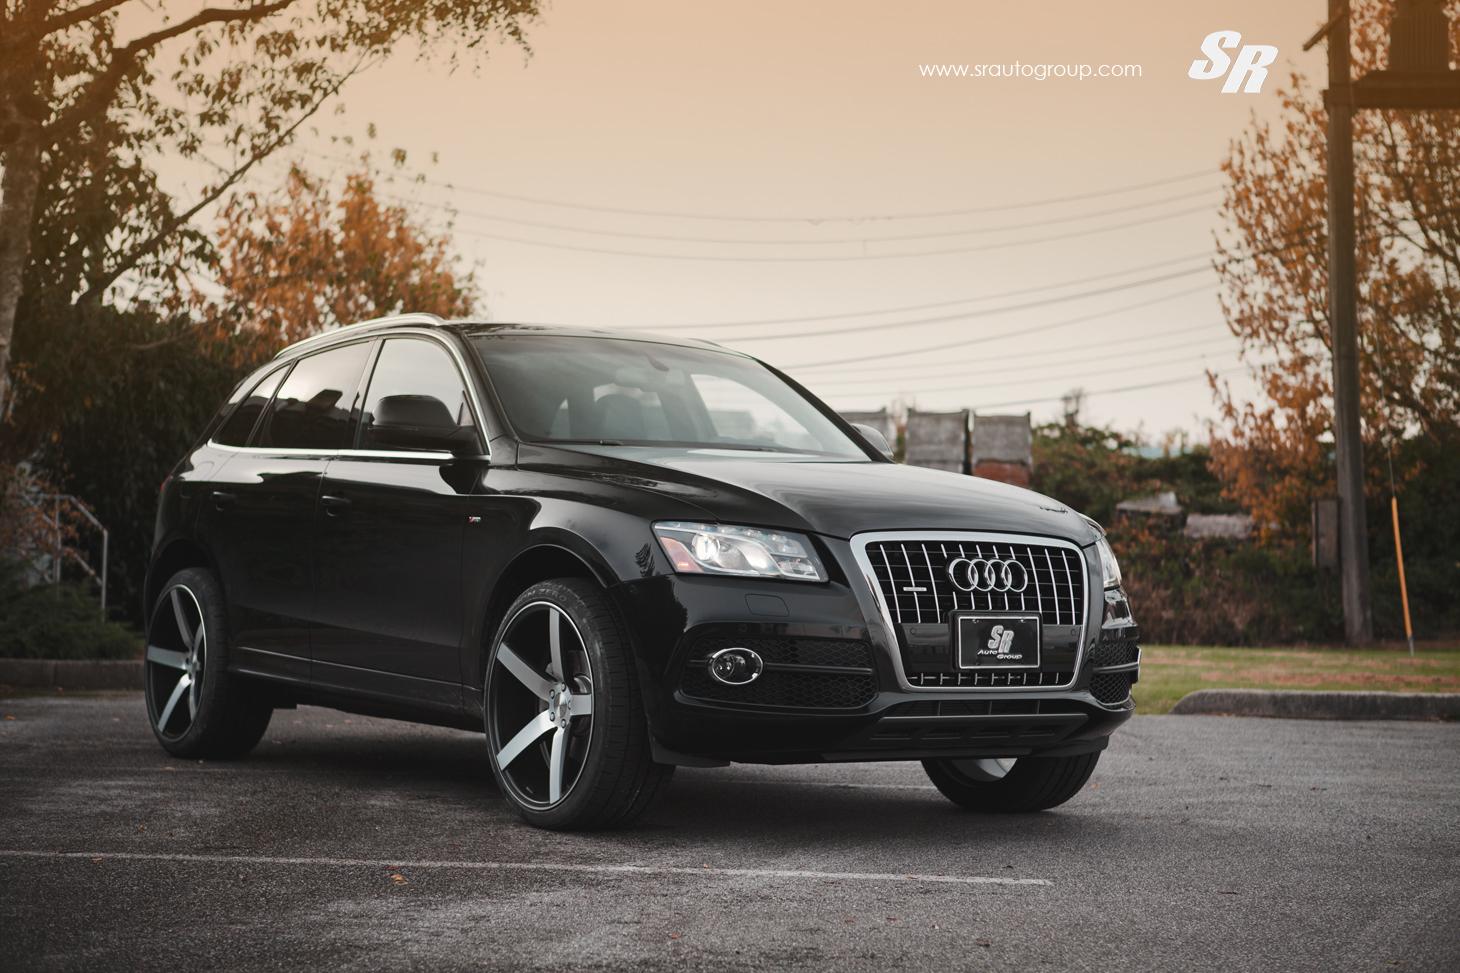 SR Auto Audi Q5 Vossen CV3 - Versatility in Action